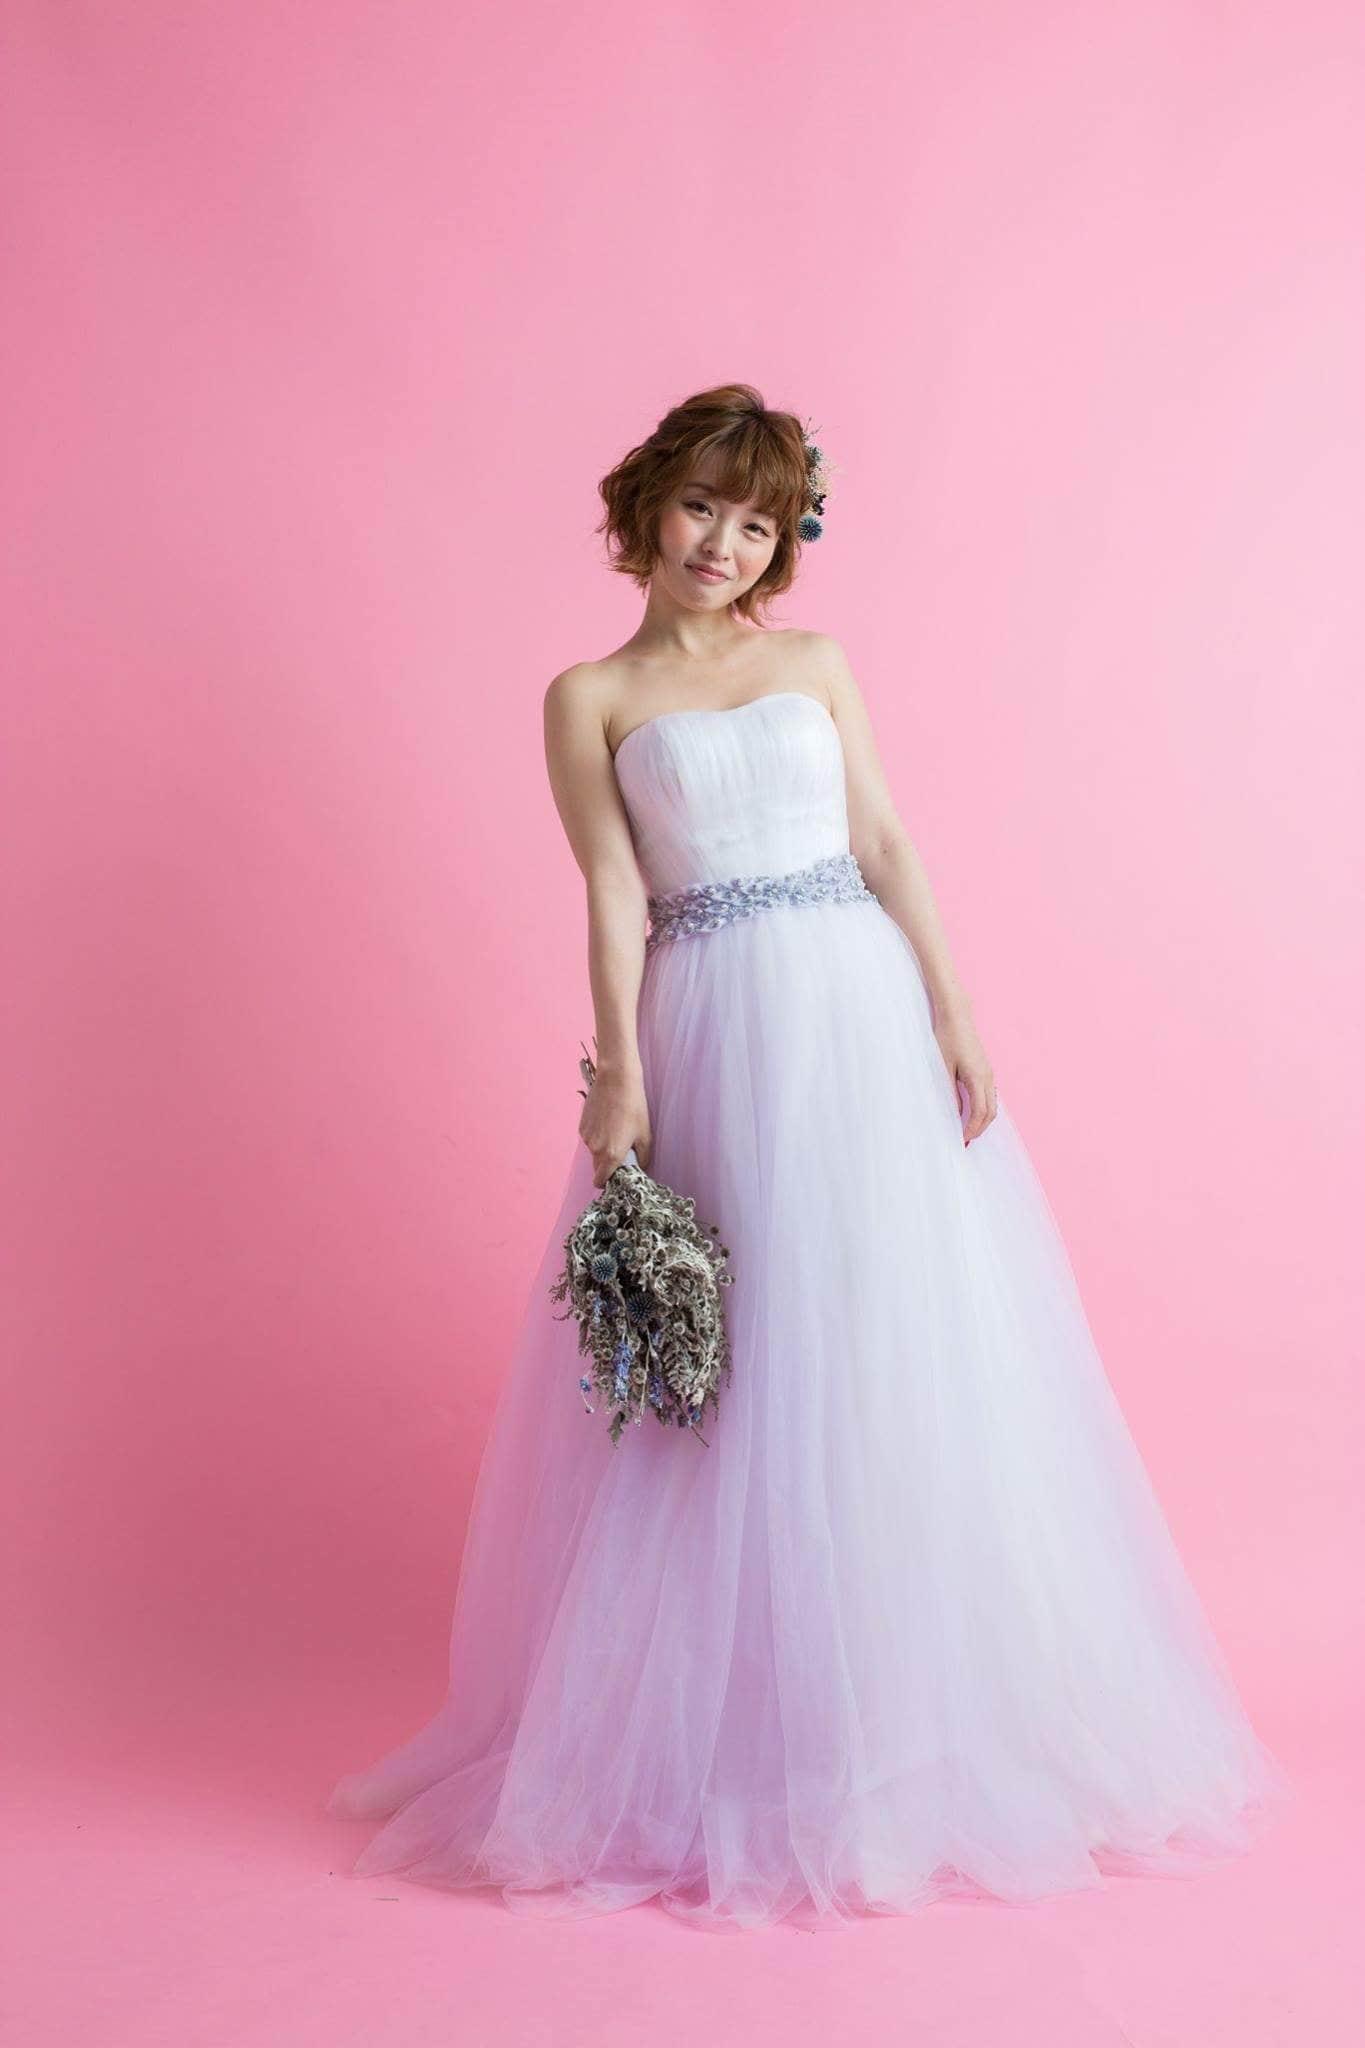 レンタルウエディングドレス(ふんわりラベンダー)のイメージその1